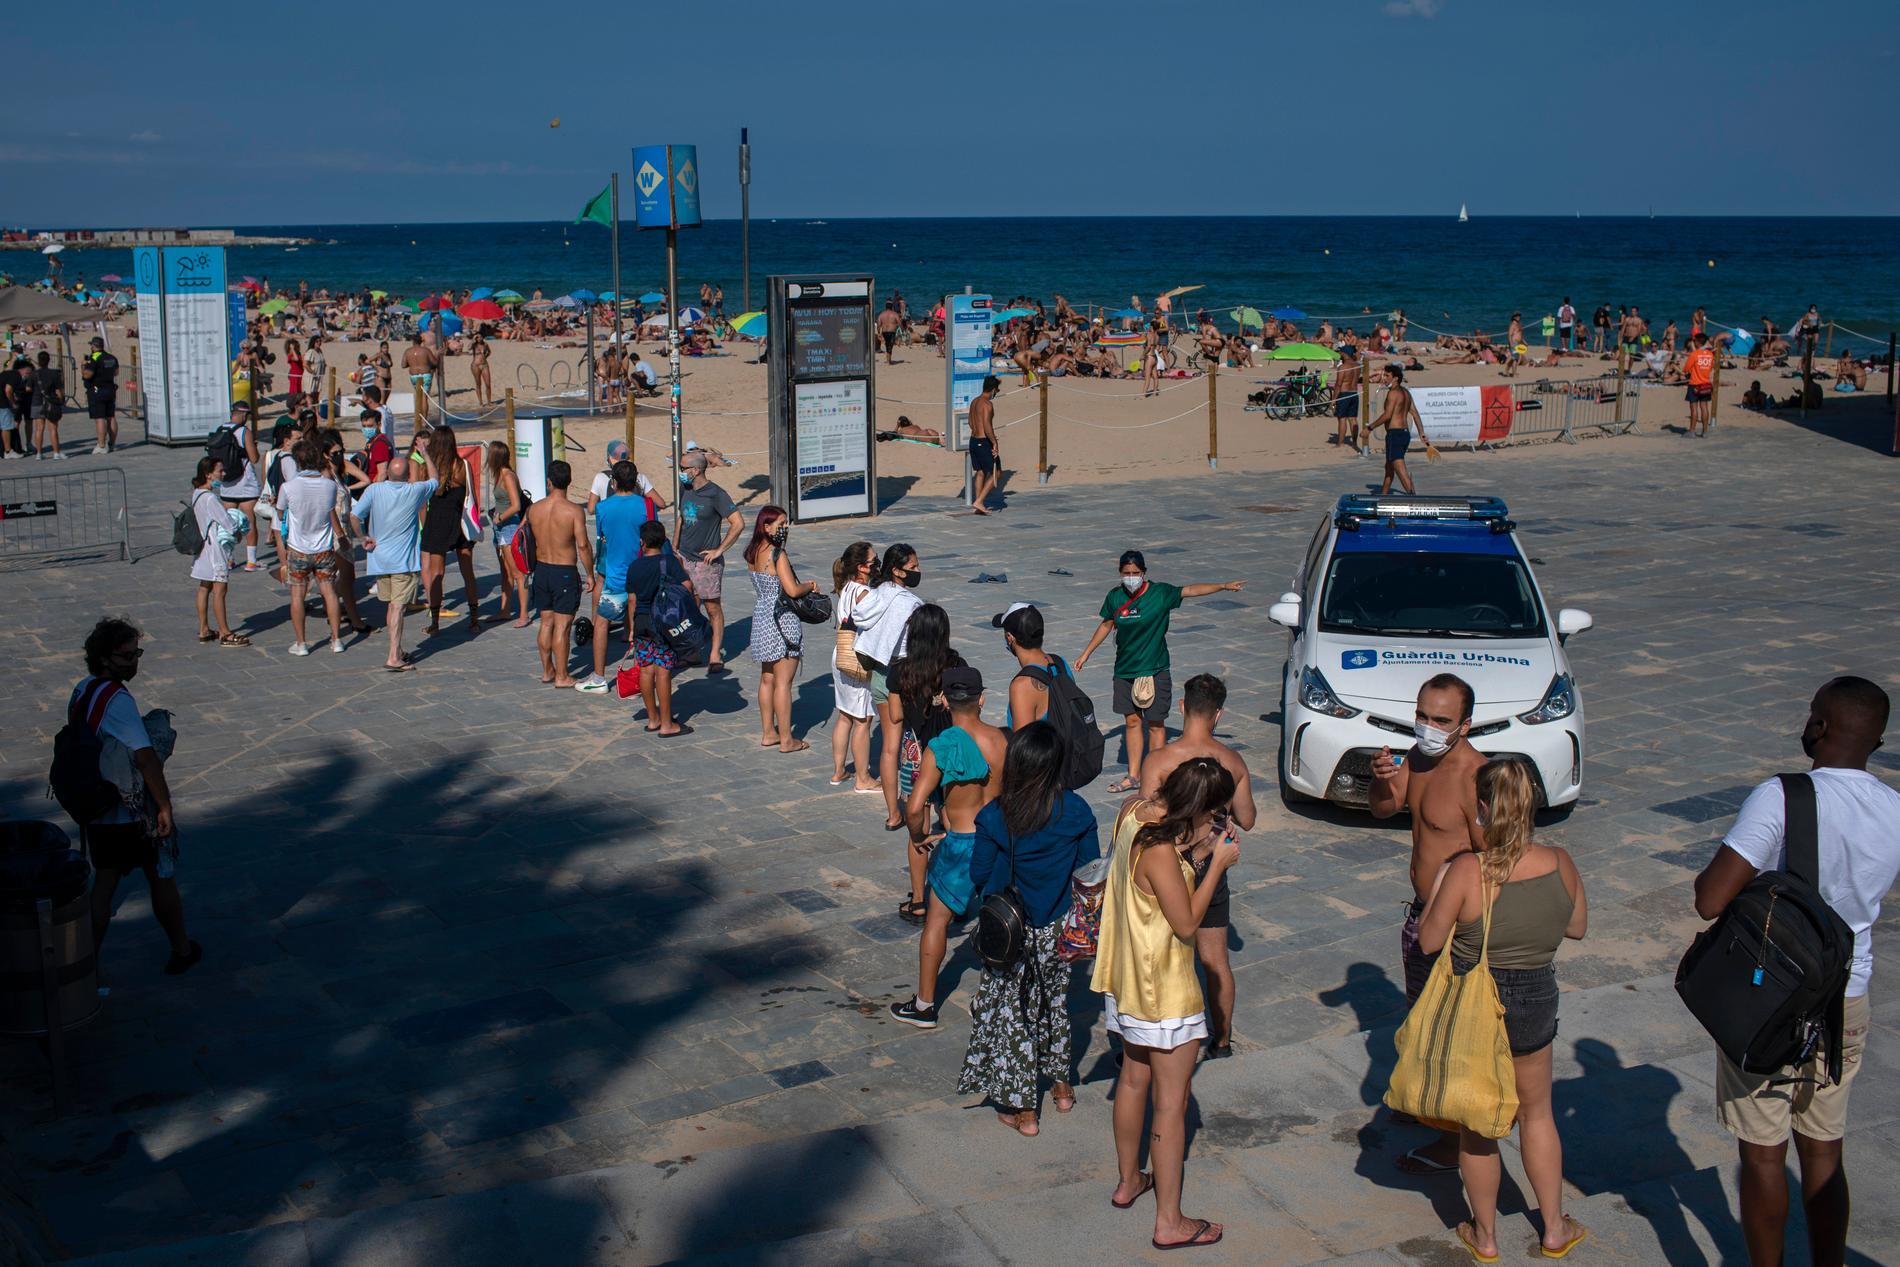 Semesterfirare köar till en strand i Barcelona som stängts av polis på grund av trängsel den 18 juli.